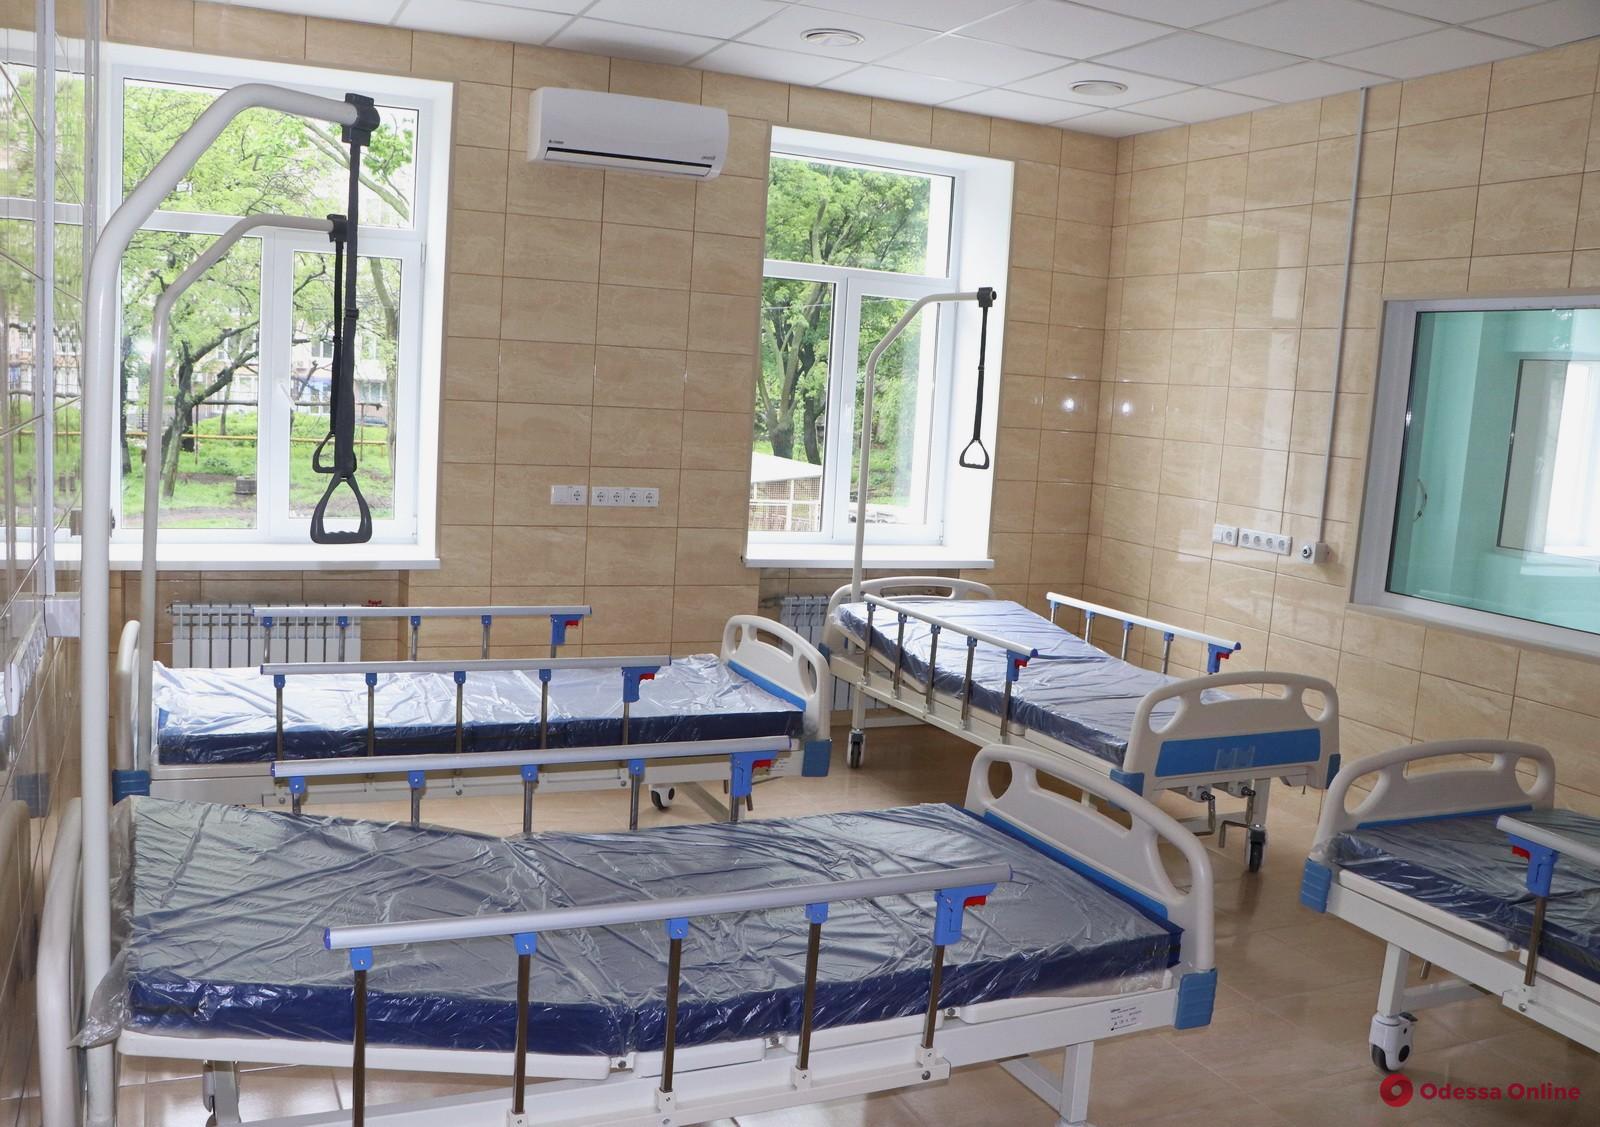 В больнице на Лидерсовском бульваре готовят к открытию новое отделение для лечения пациентов с Covid-19 (фото)